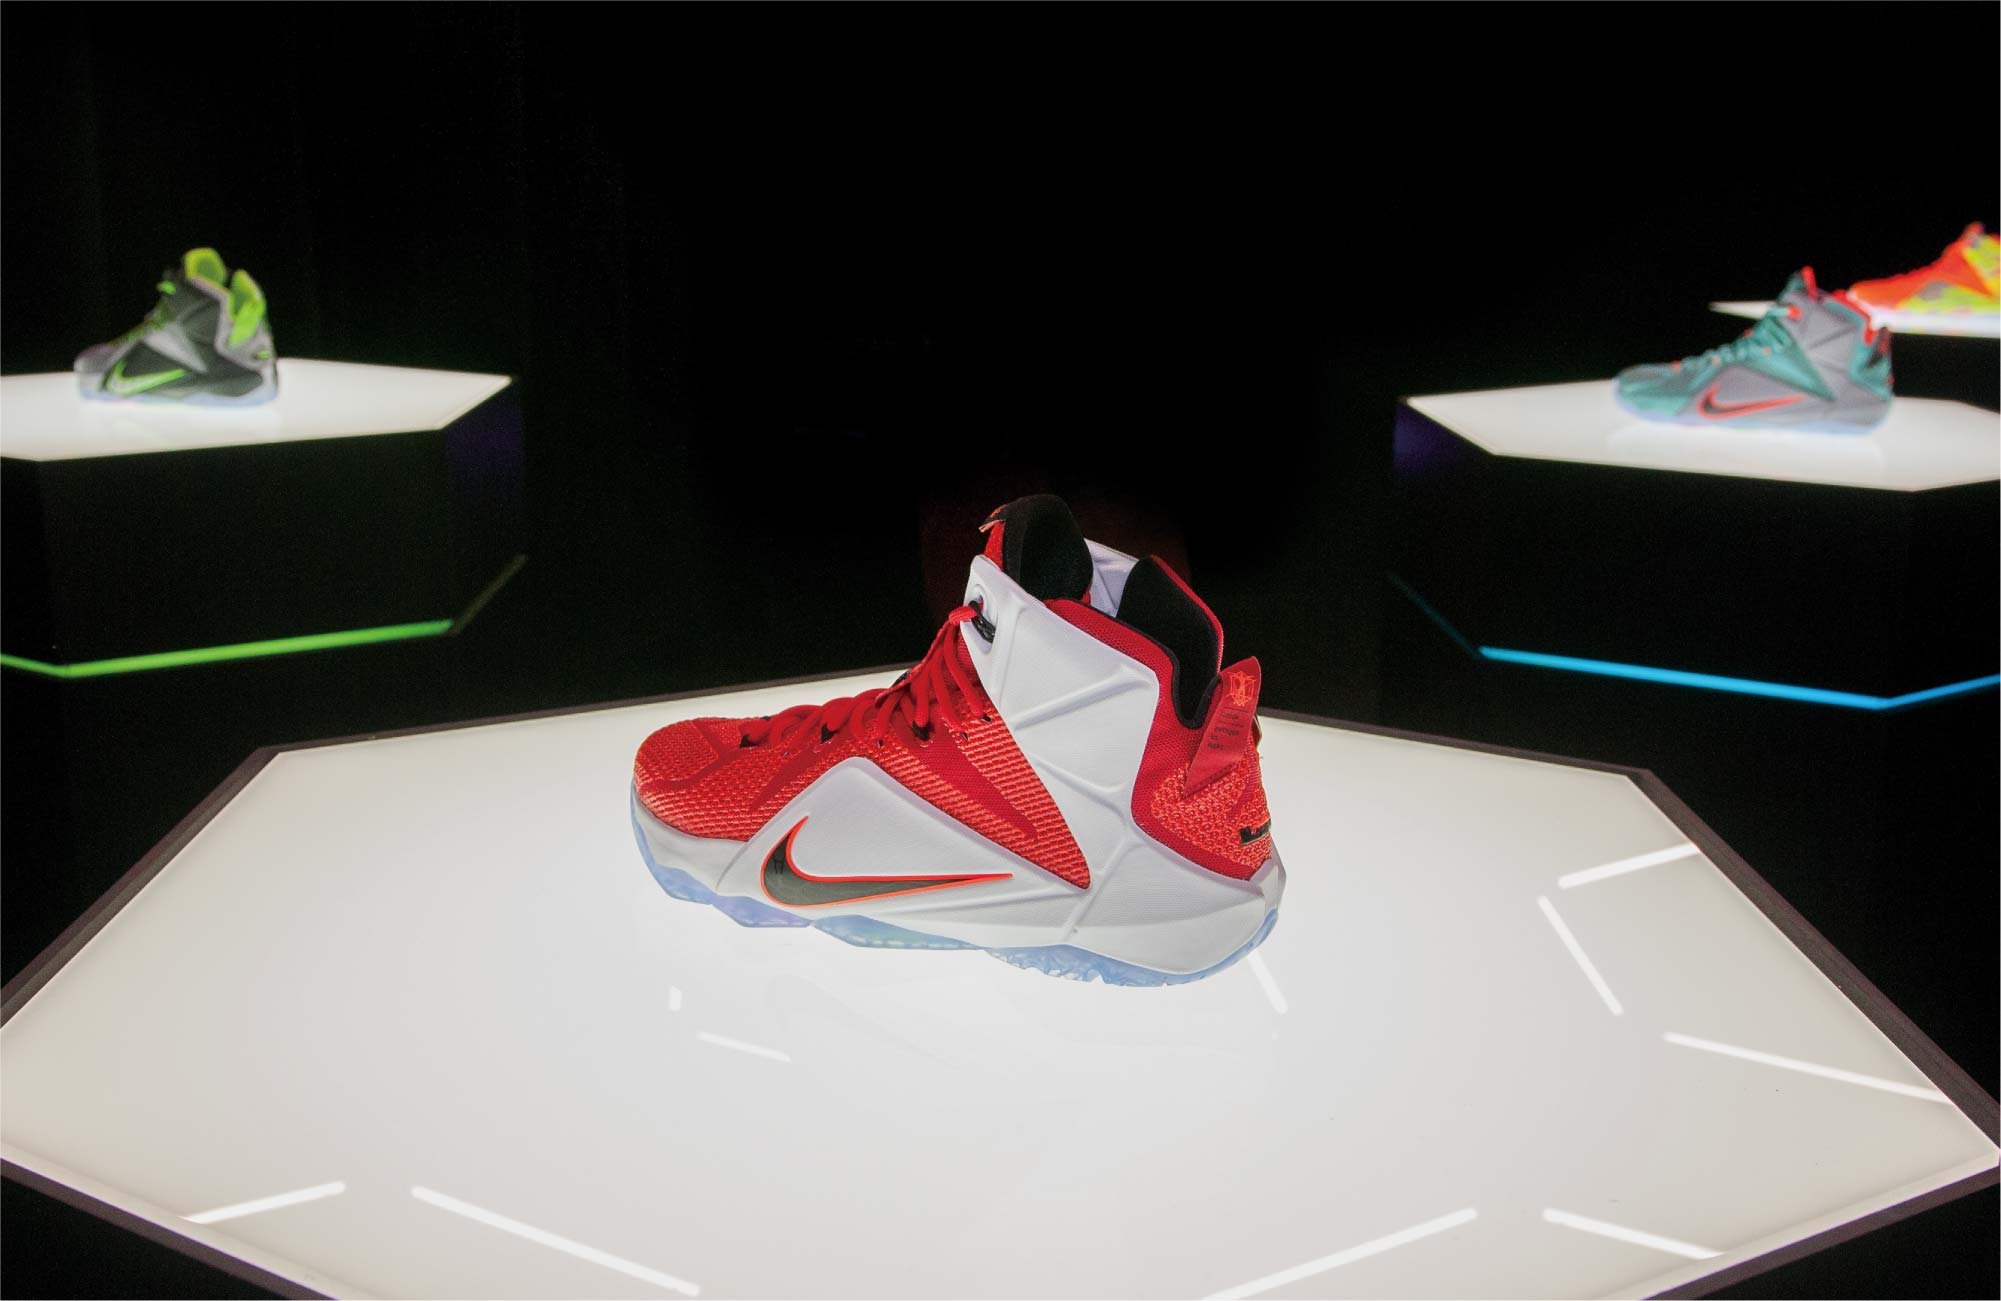 封面故事 Nike Lebron 12 設計師專訪與配色故事介紹